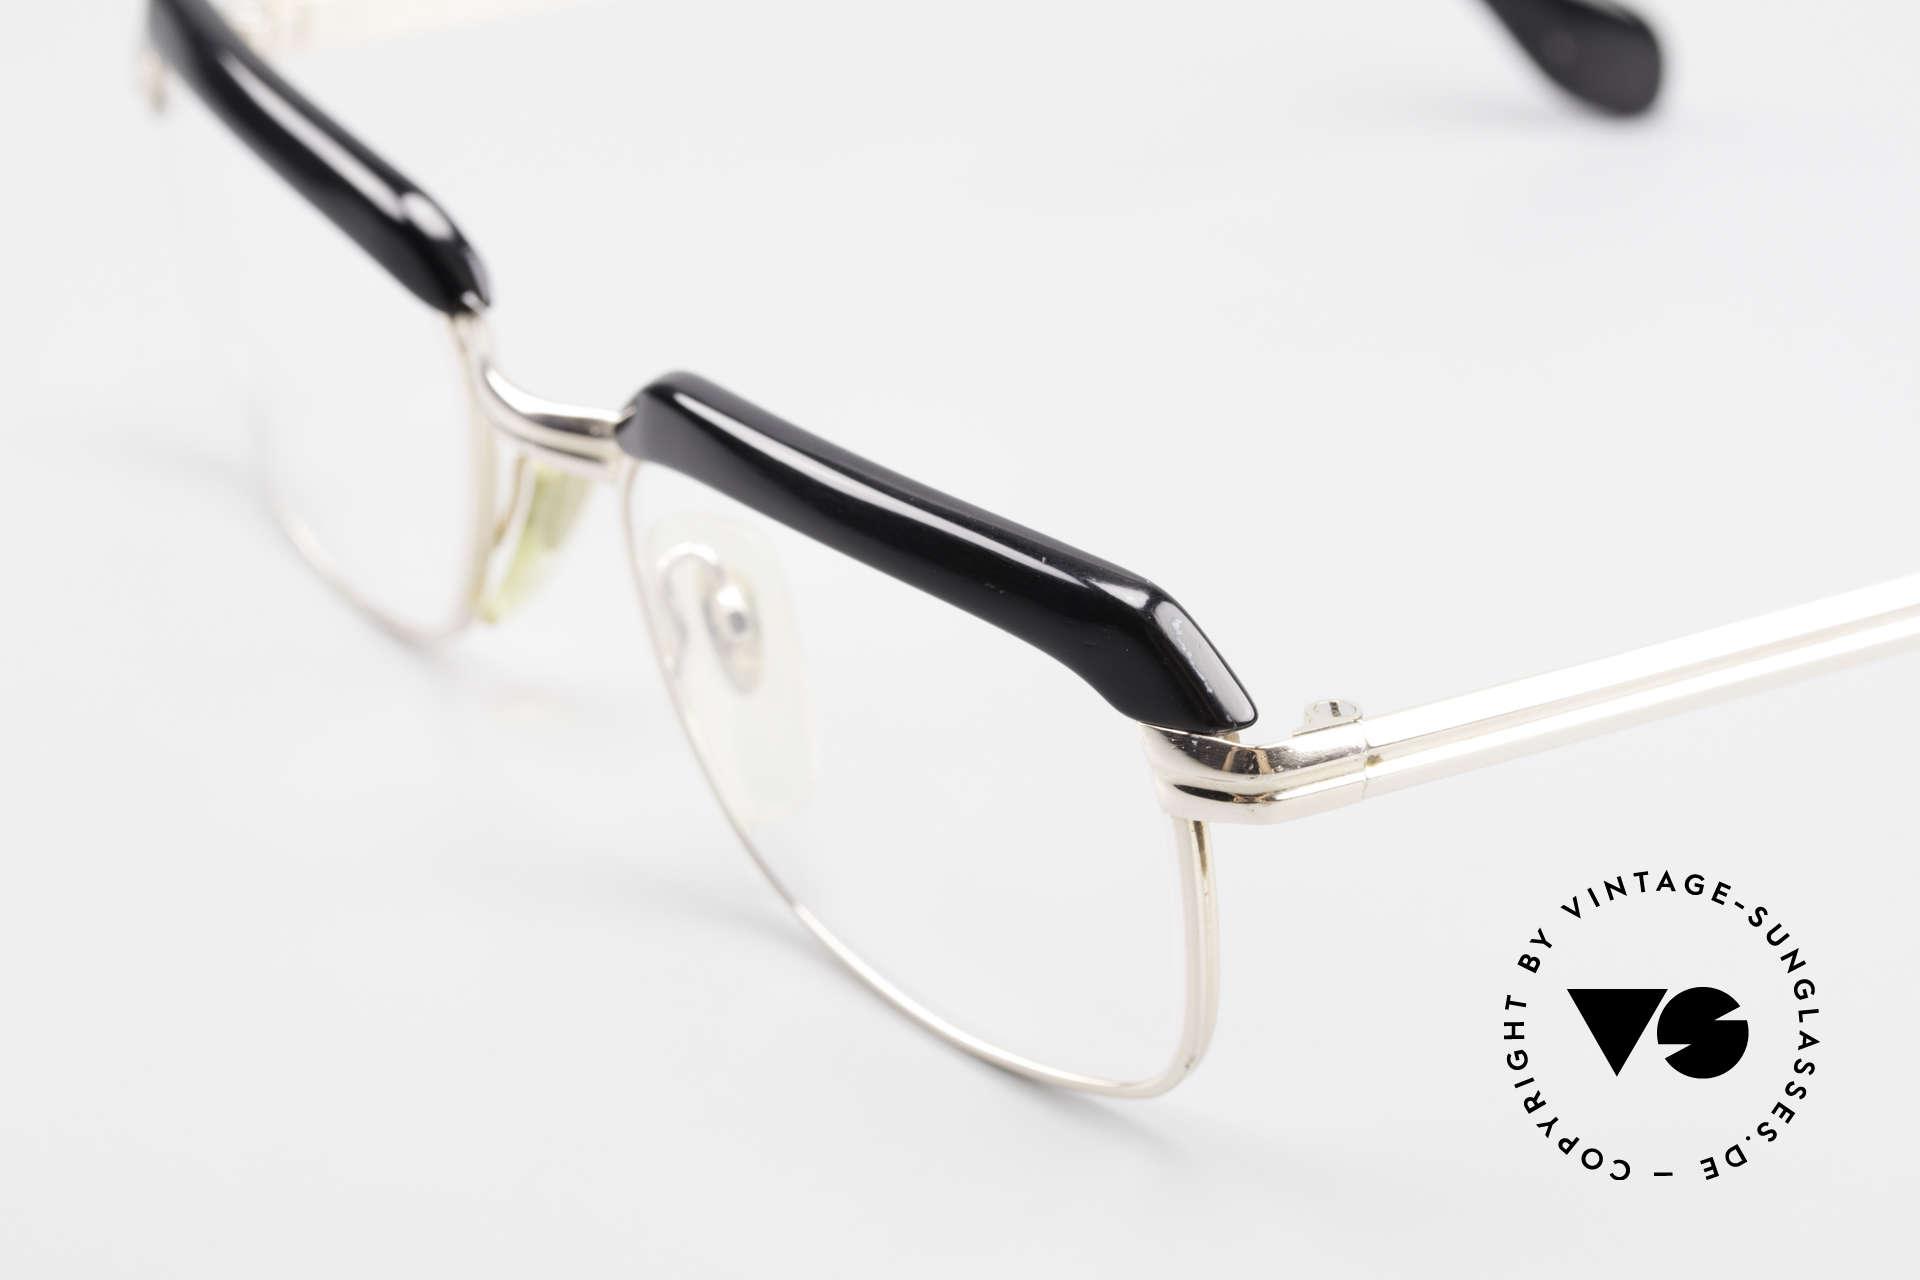 Metzler JK 60er Jahre Golddoublé Brille, wahre Rarität, heutzutage gar nicht mehr zu bekommen, Passend für Herren